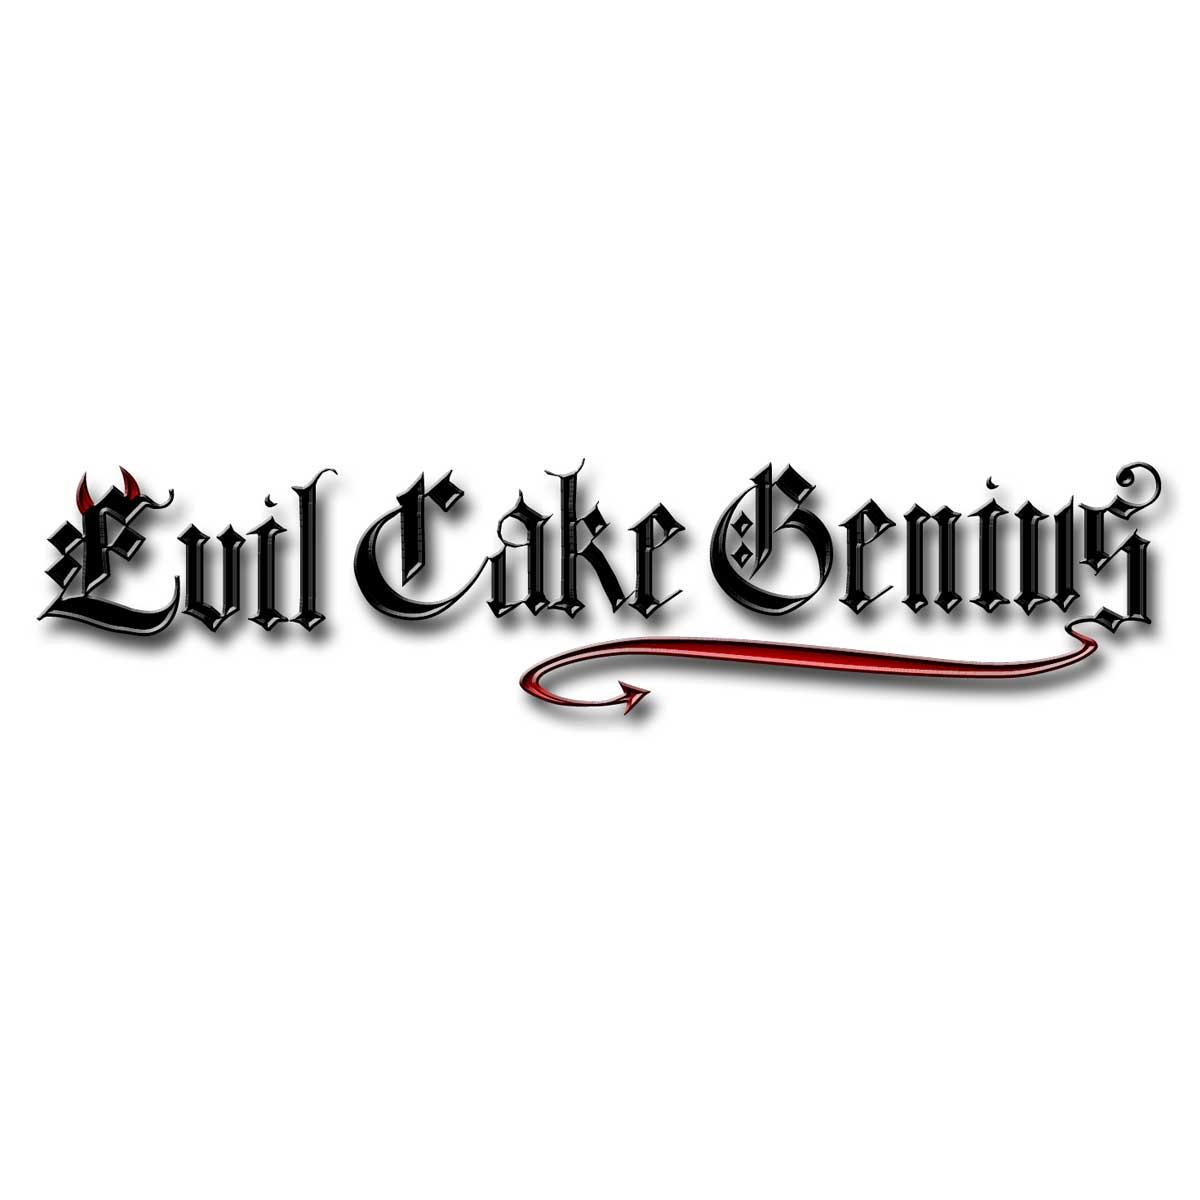 Evil Cake Genius Evil Cake Genius